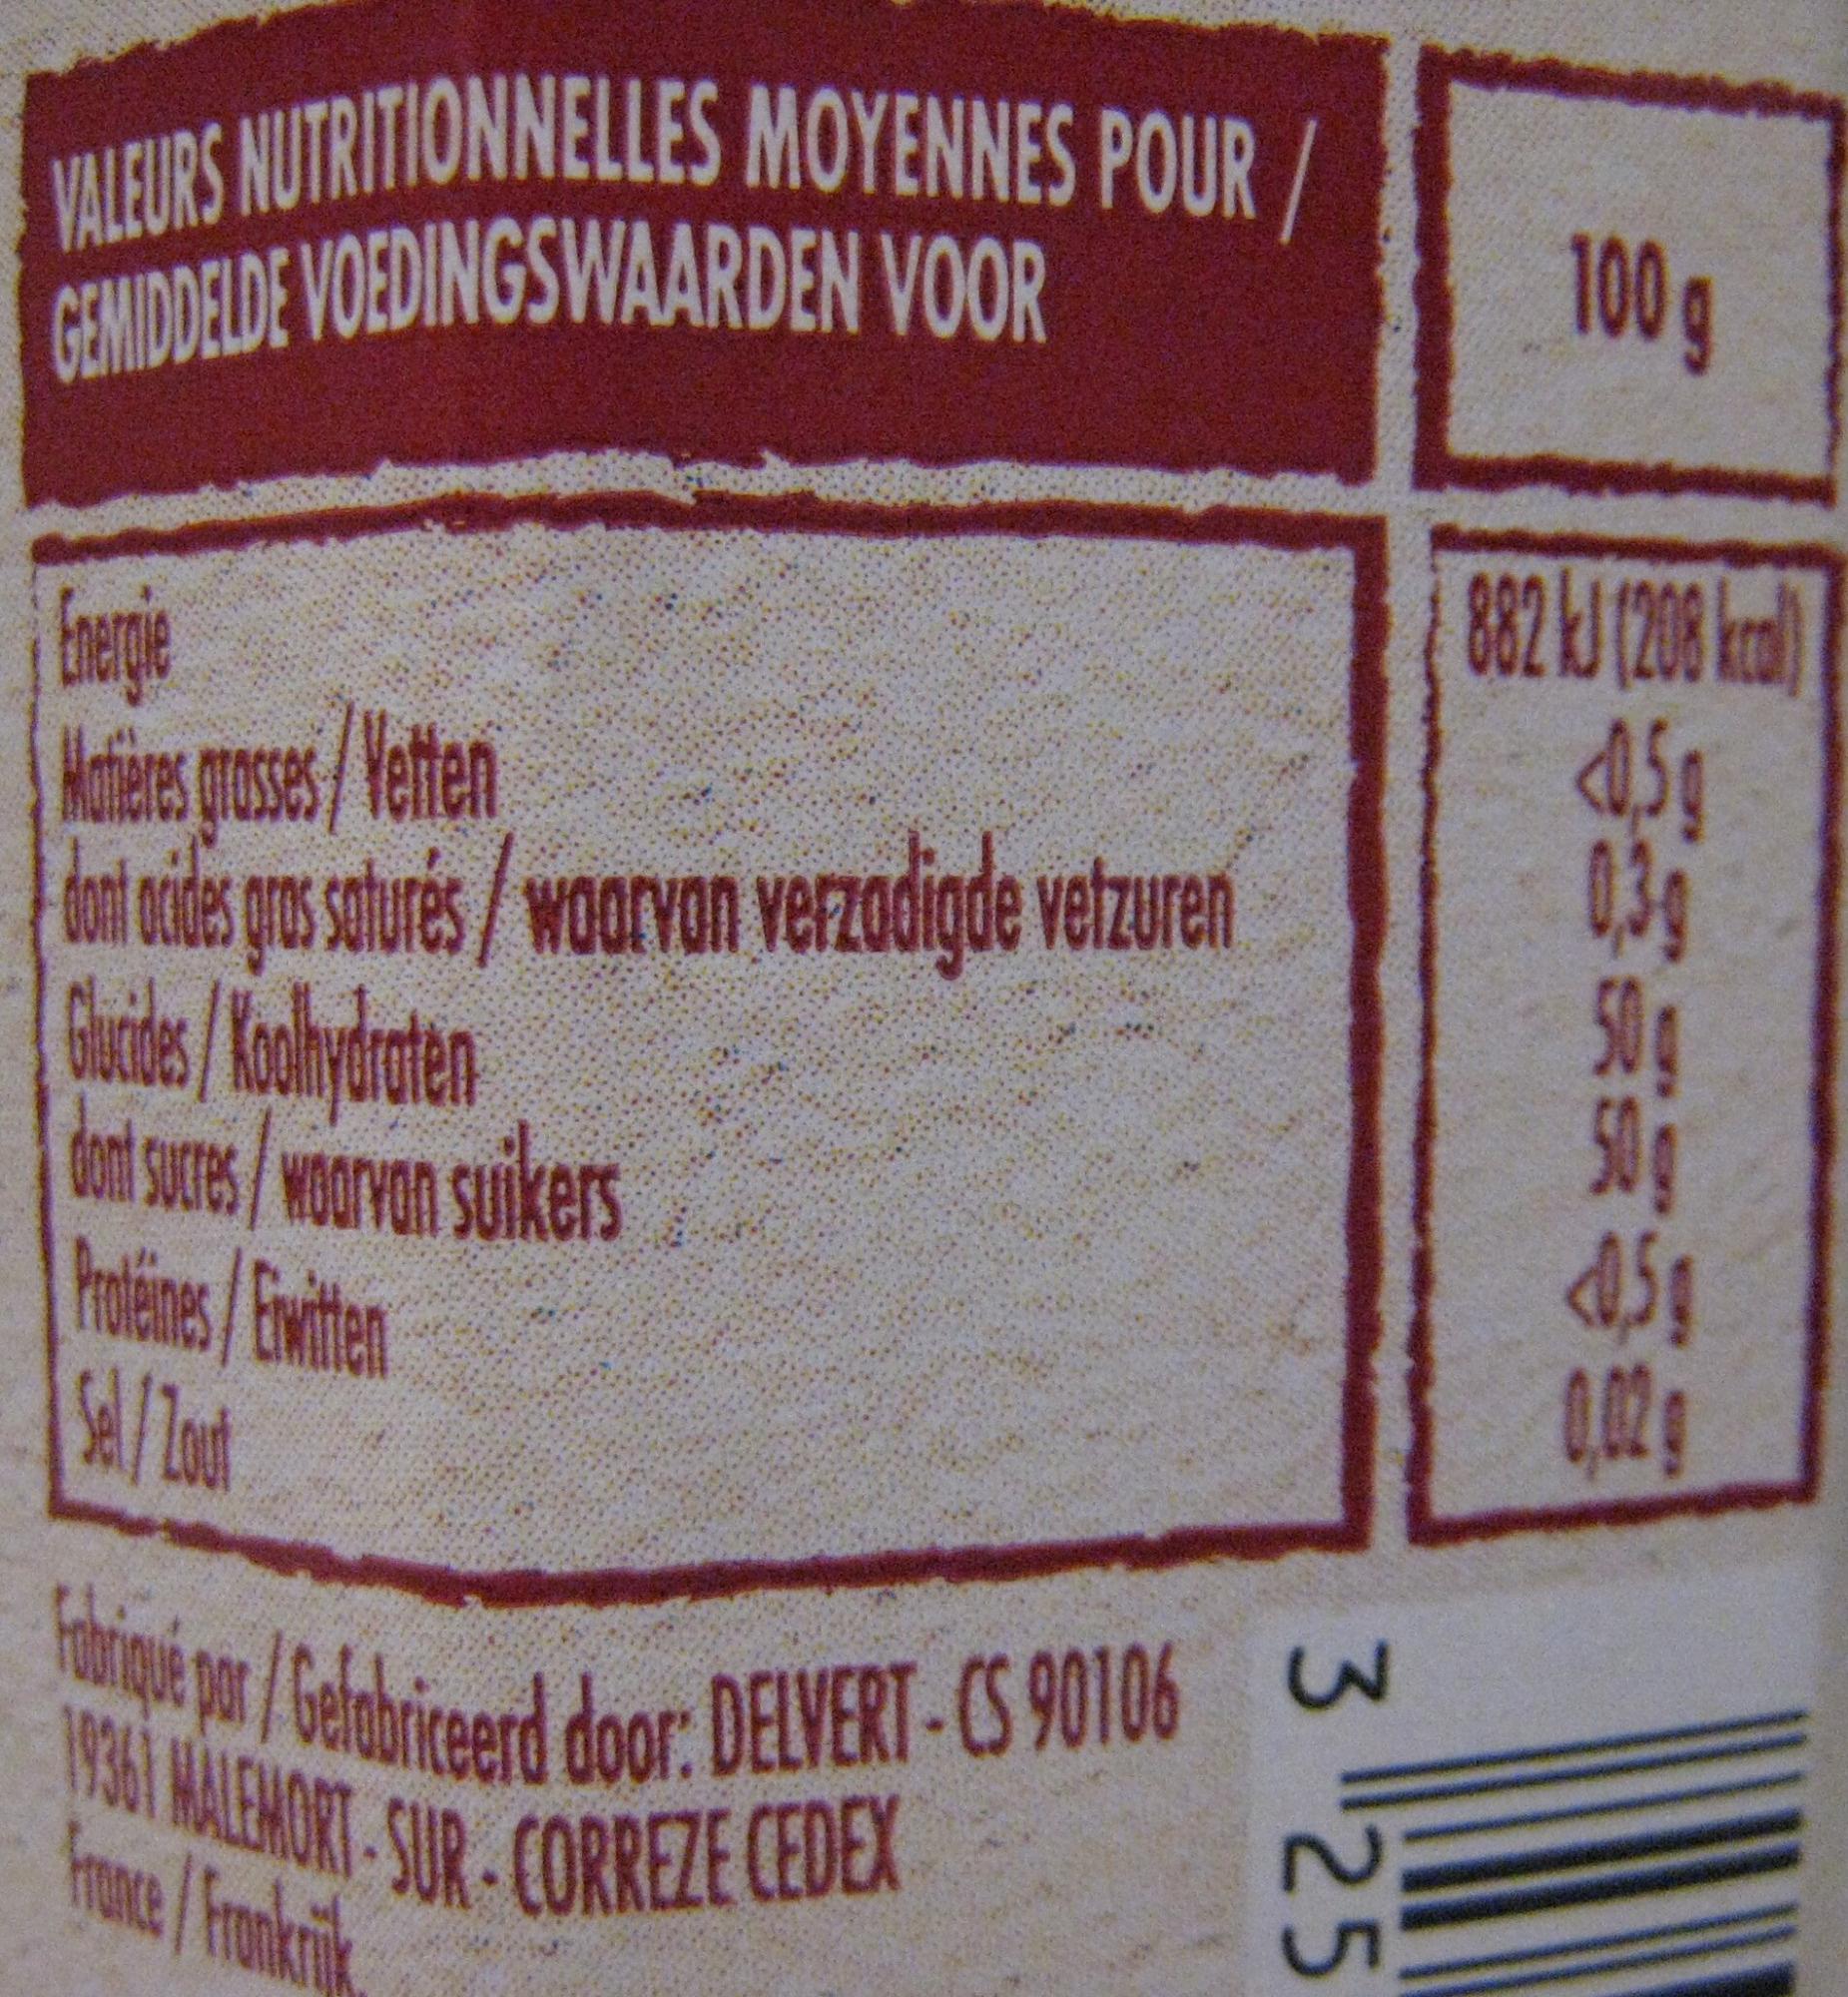 Préparation de Poires Williams du Lot et Garonne - Nutrition facts - fr